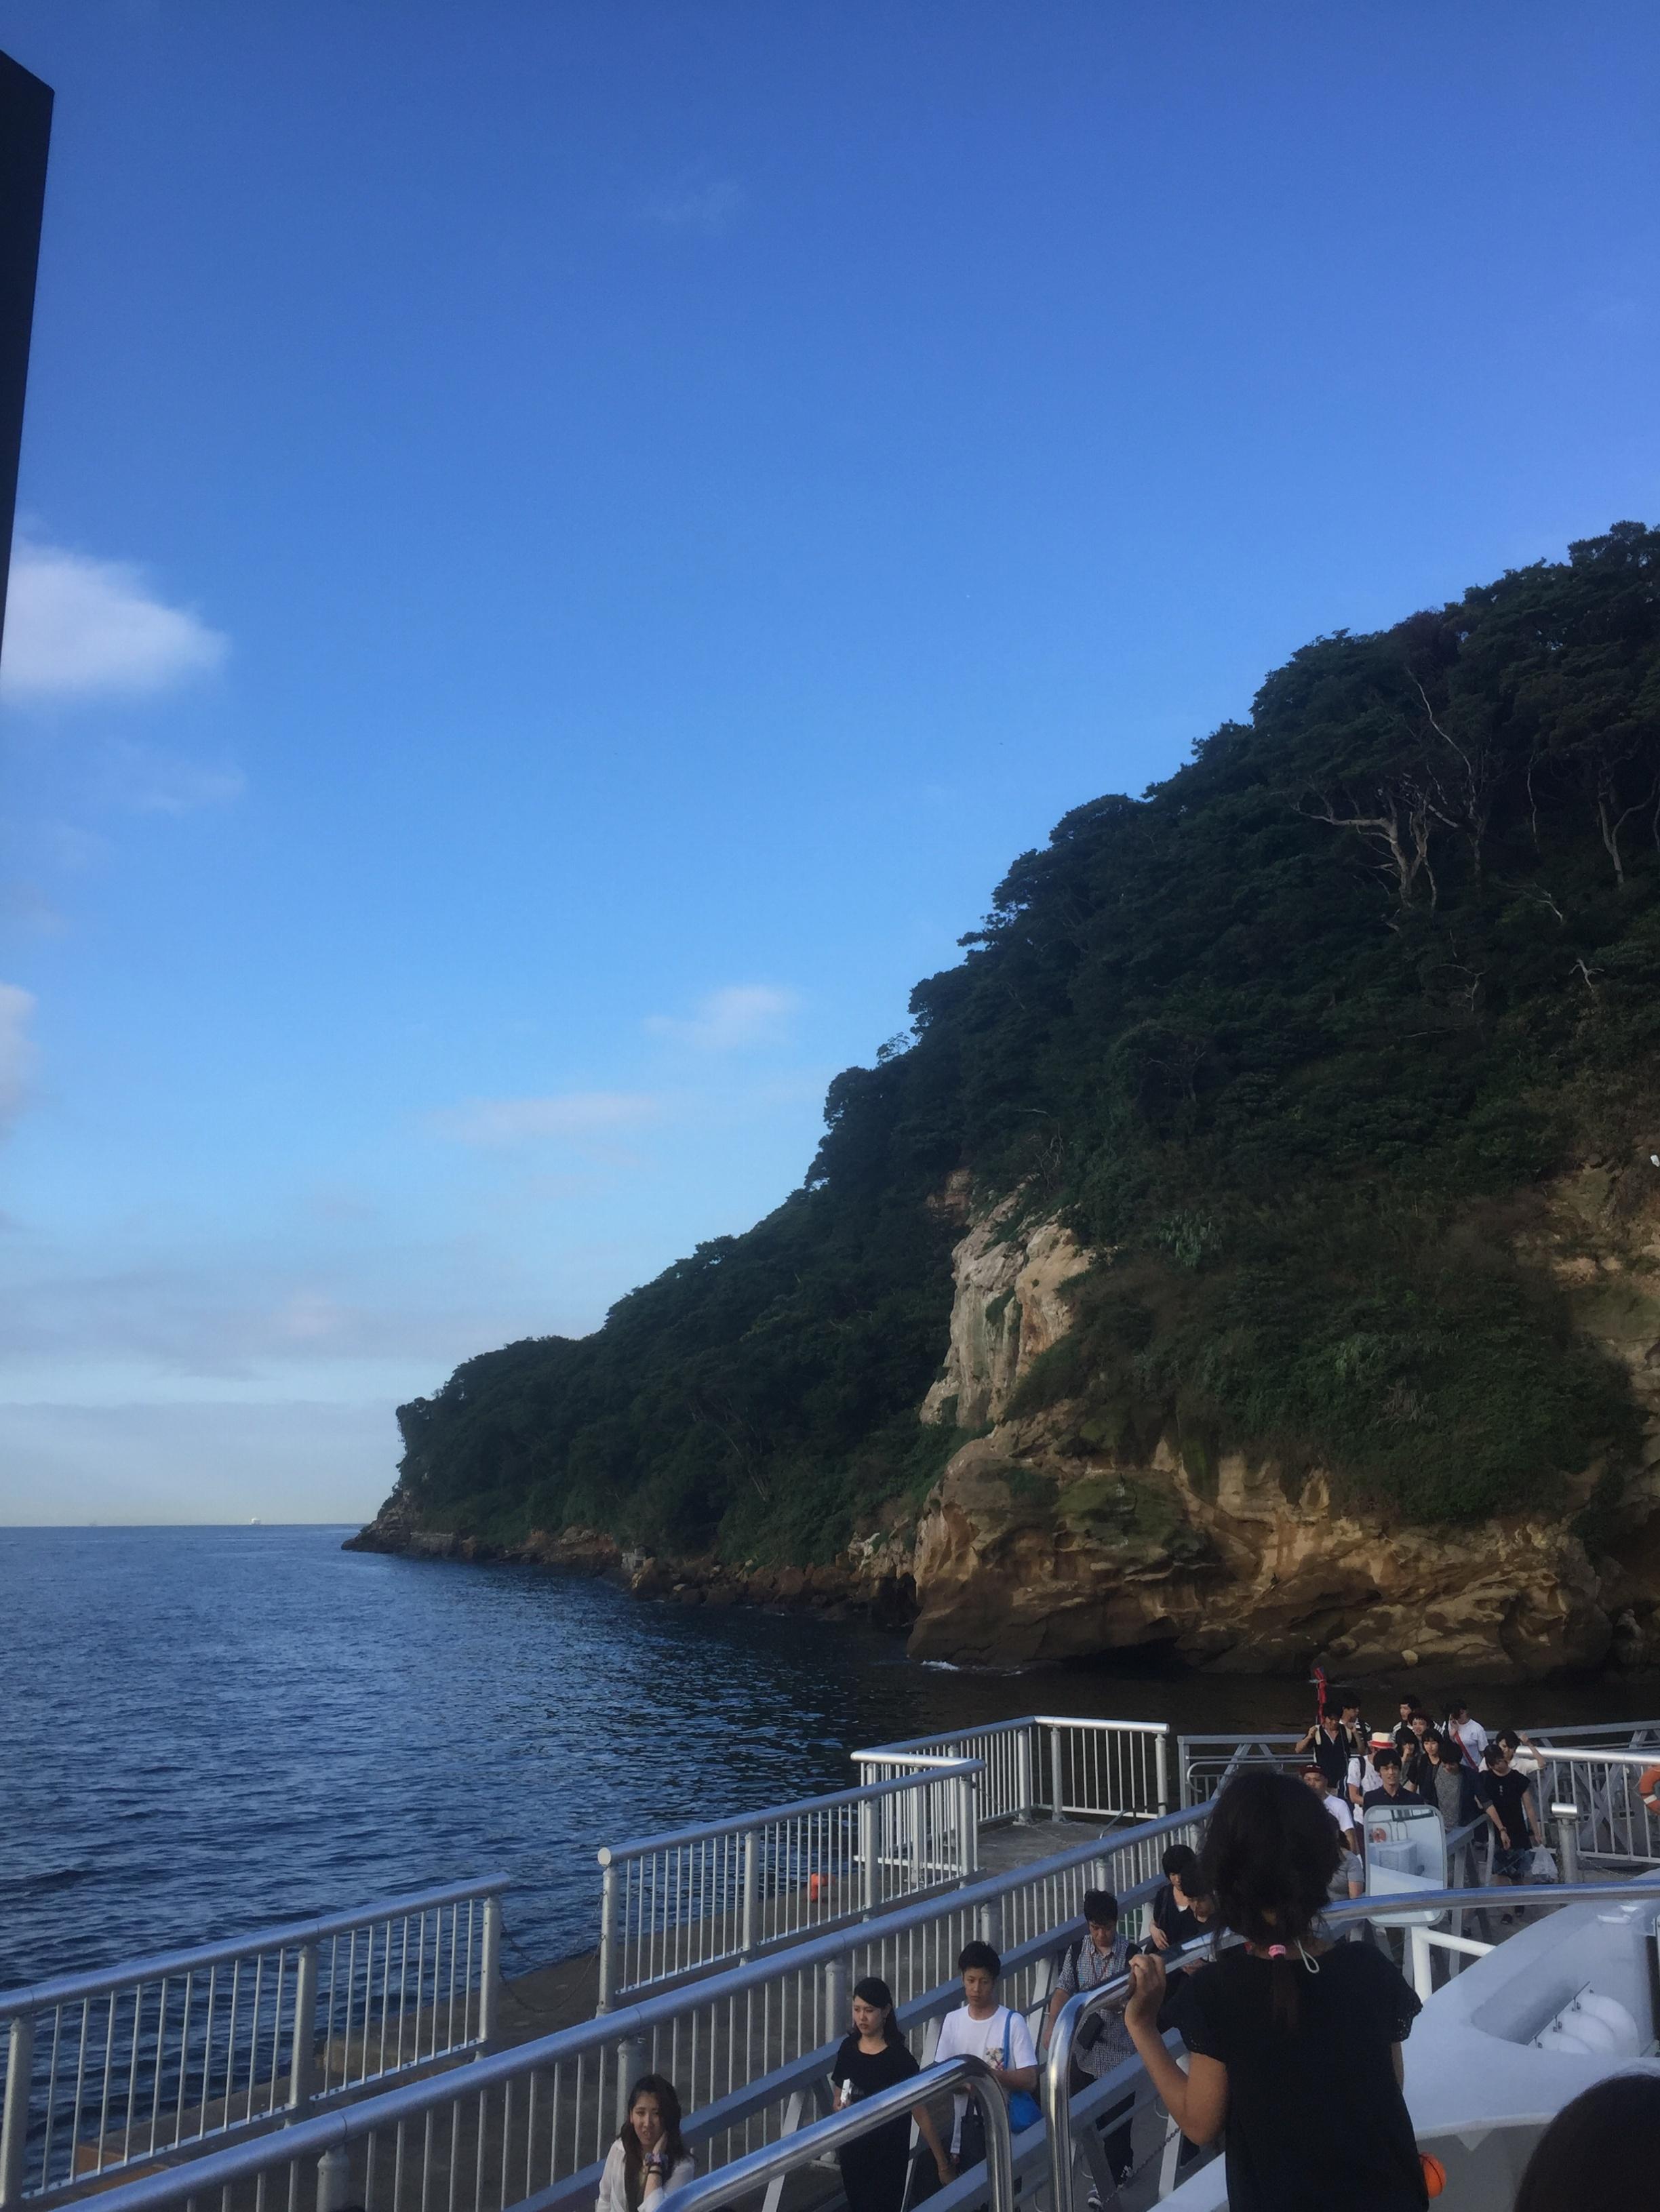 無人島【猿島】で日帰りBBQ♪♪フォトジェニックを楽しむ1日おすすめプラン☆_21